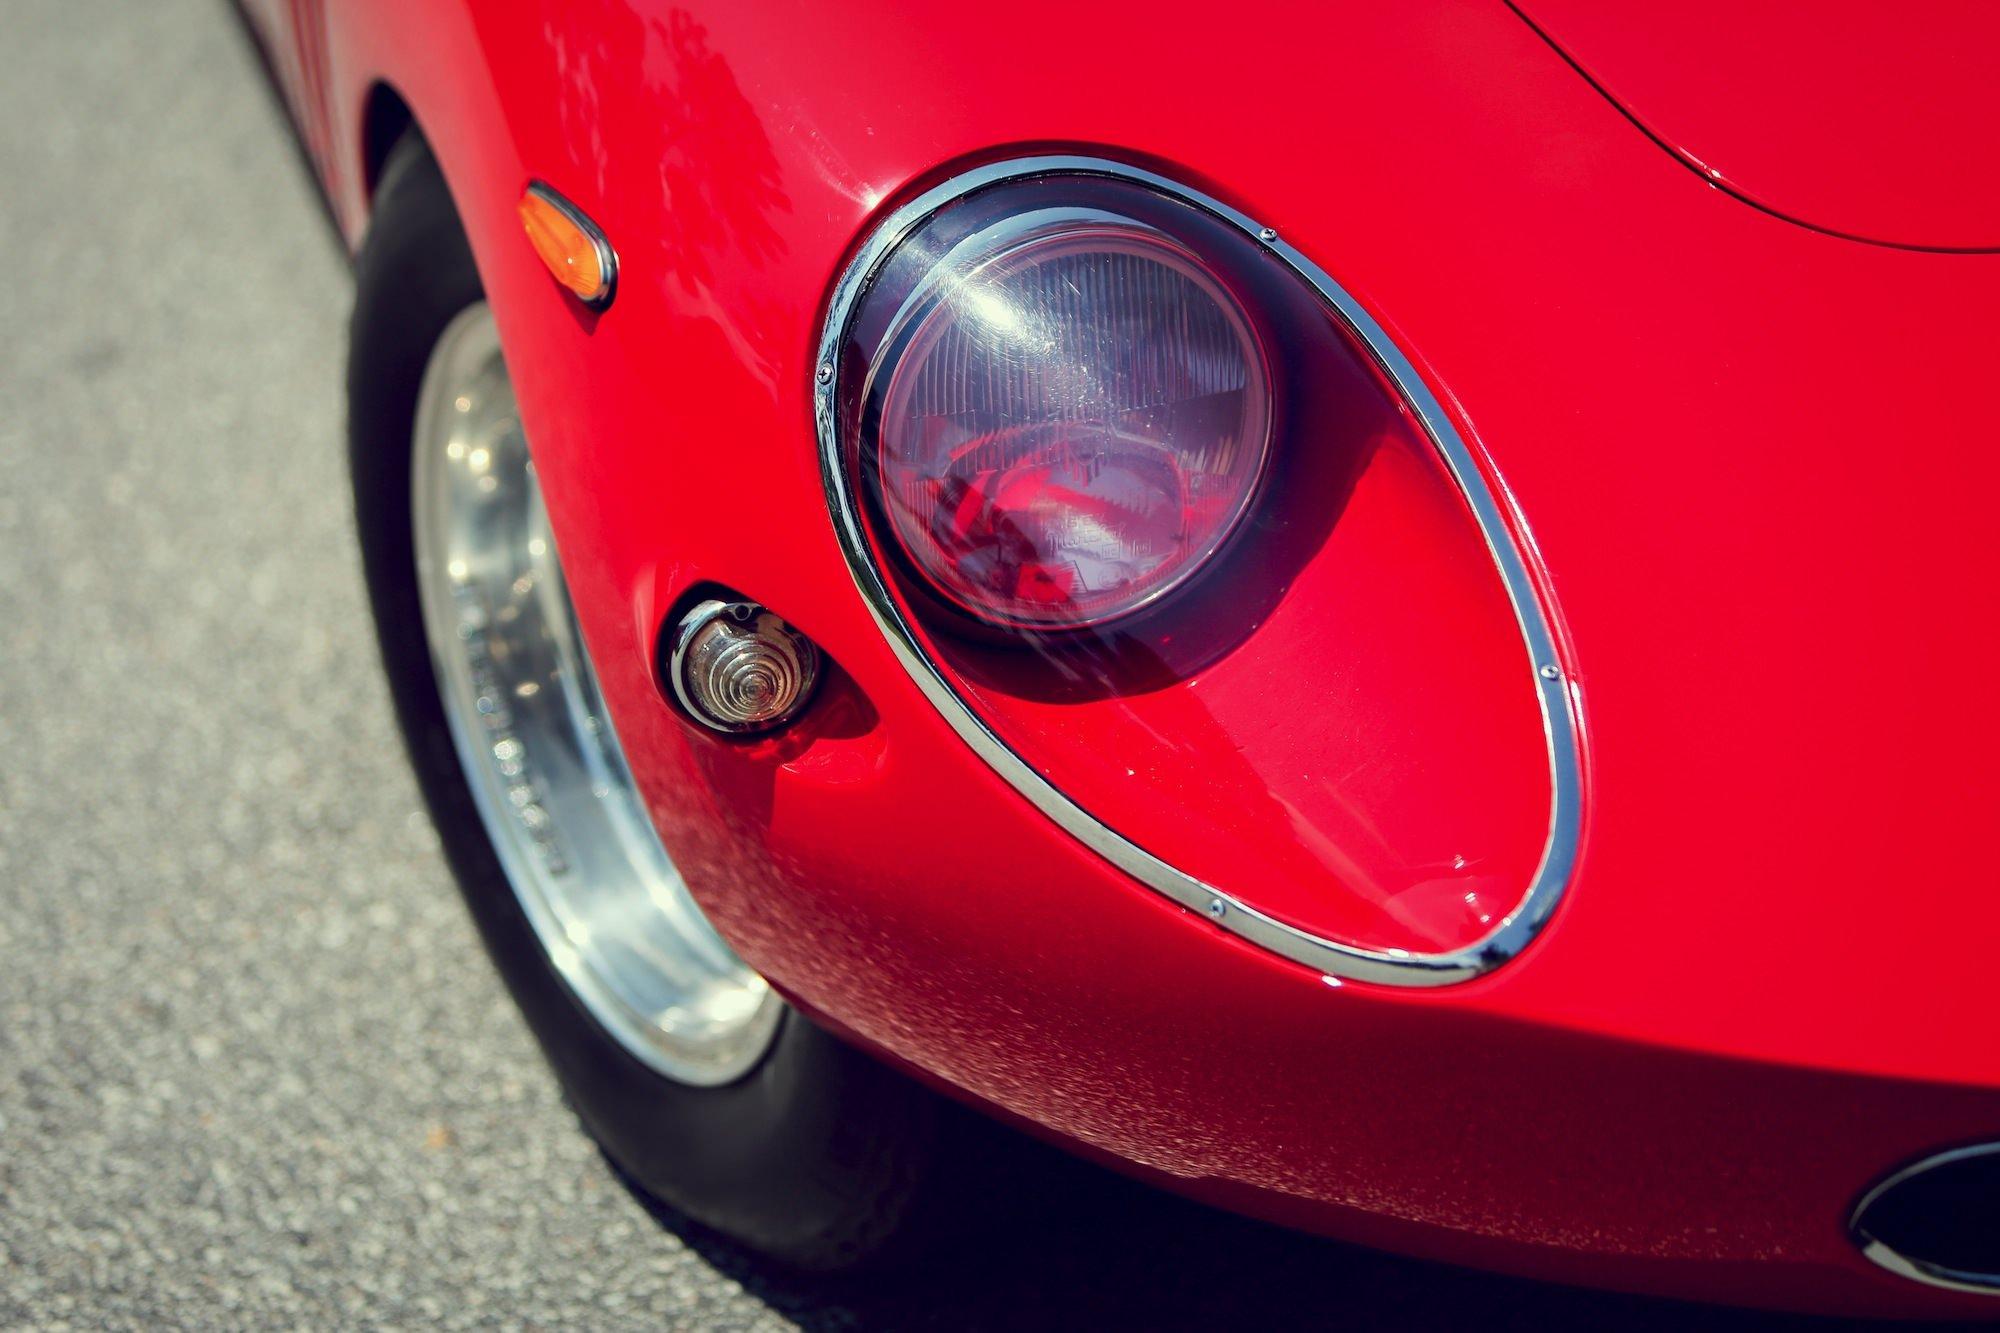 Ferrari 250 GT N.A.R.T. Spider by Fantuzzi 5